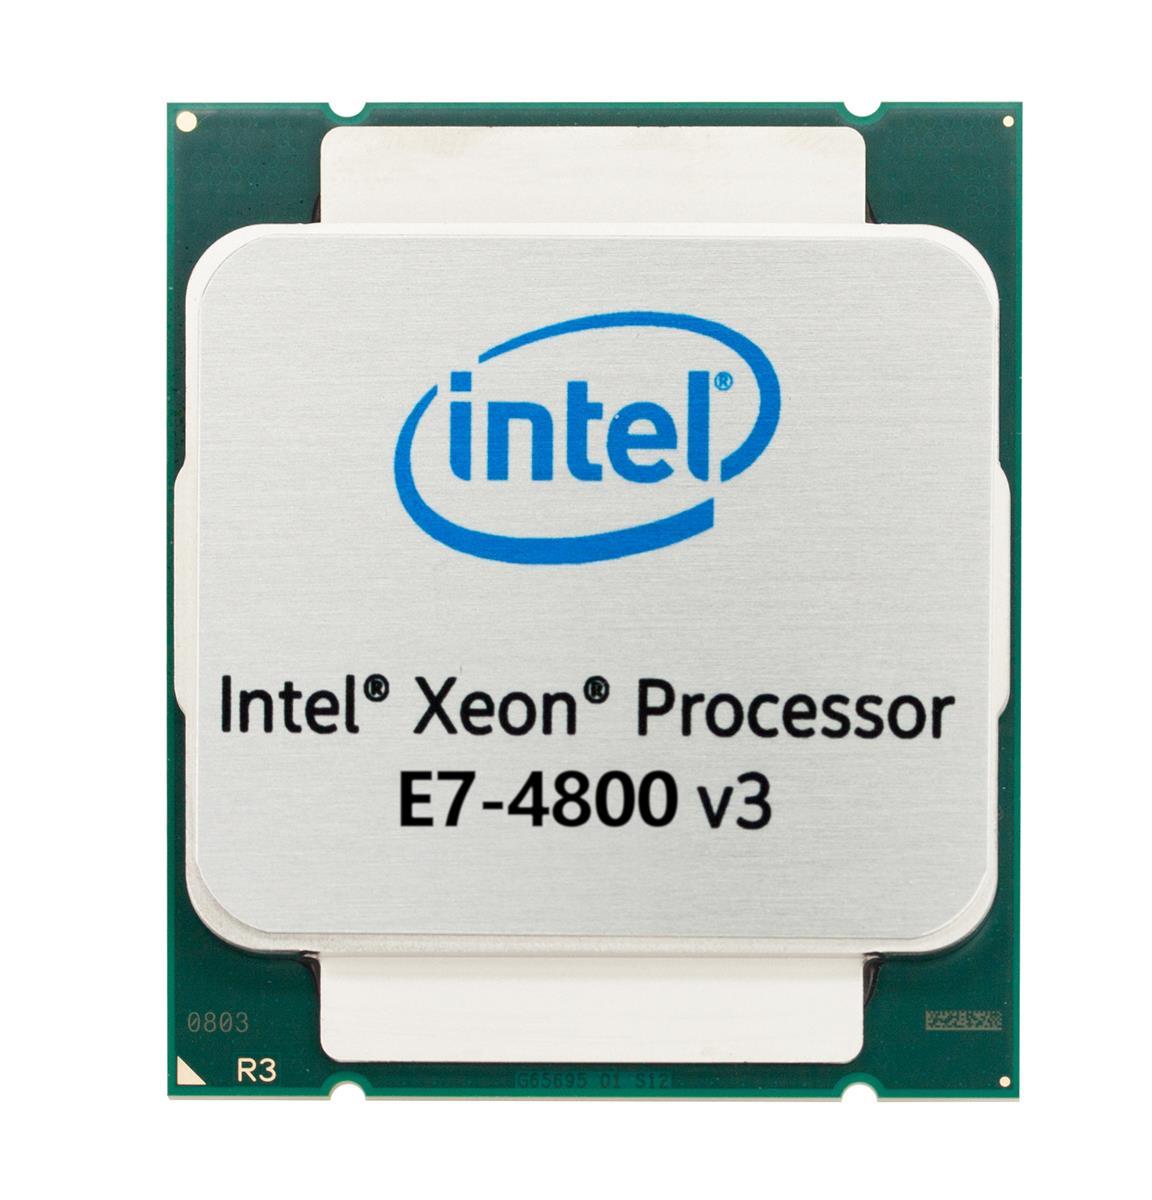 Intel Xeon E7-4809 v3 8 Core 2.00GHz 6.40GT/s QPI 20MB L3 Cache Socket 2011-1 Processor Mfr P/N CM8064501551526